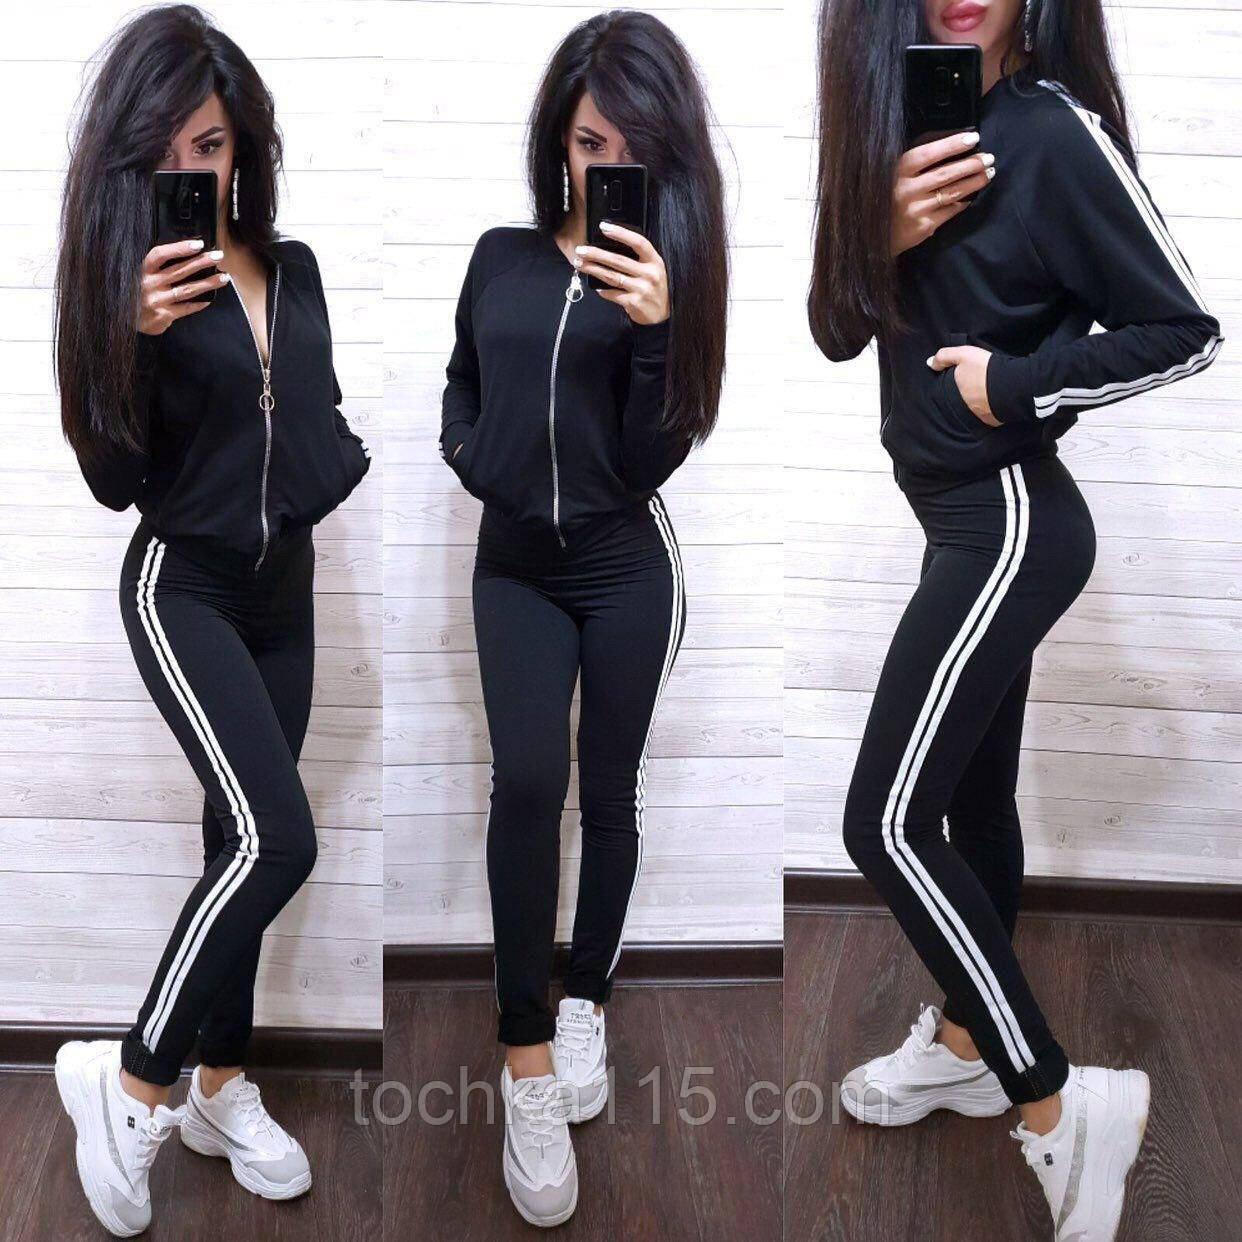 Женский спортивный костюм, костюм для прогулок есть большой размер S/M/L/XL (черный)